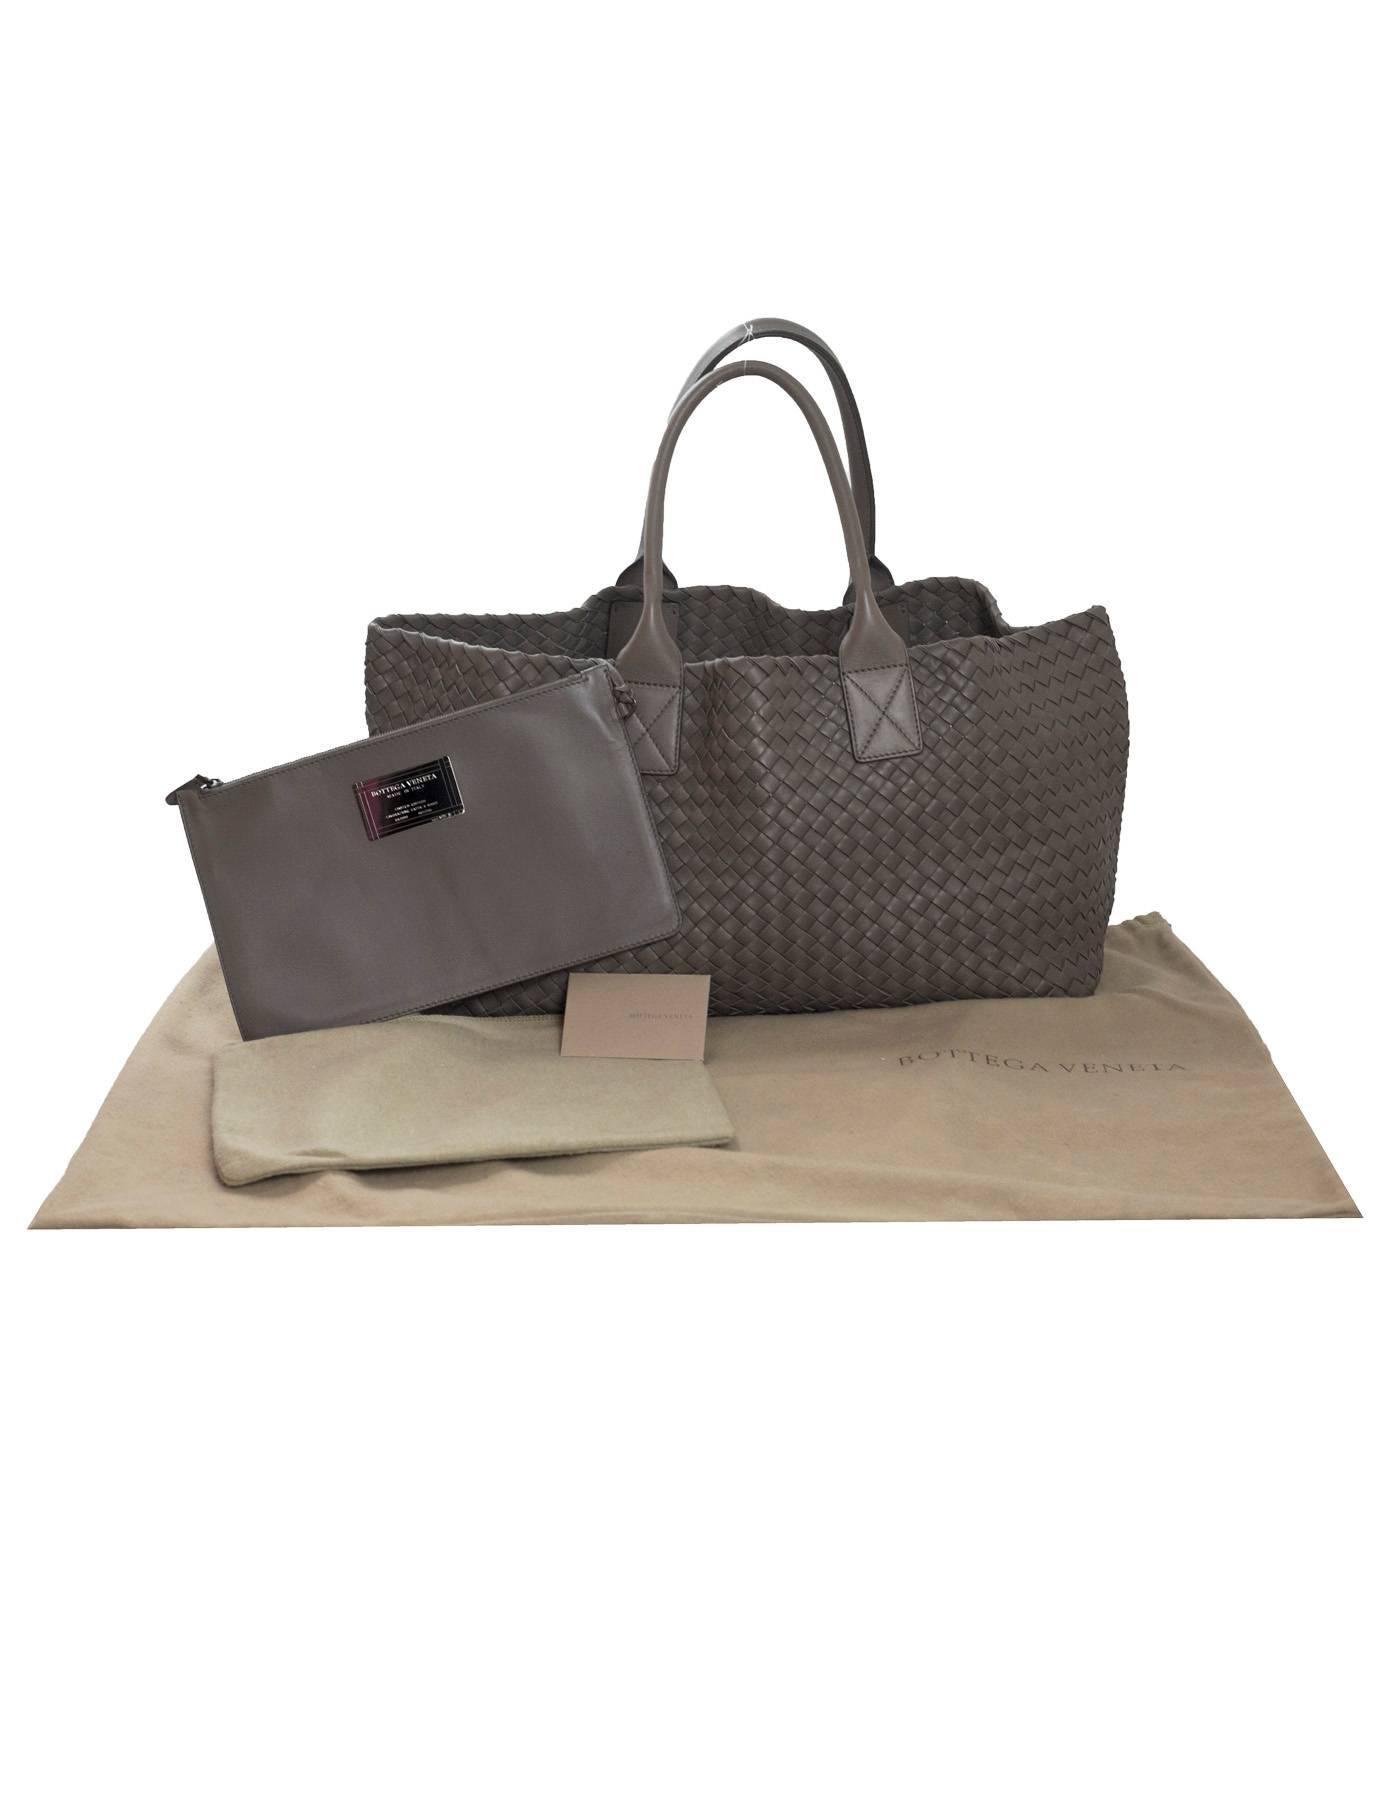 Bottega Veneta Taupe Intrecciato Leather Medium Cabat Tote Bag rt ... 51512d1bd07c7